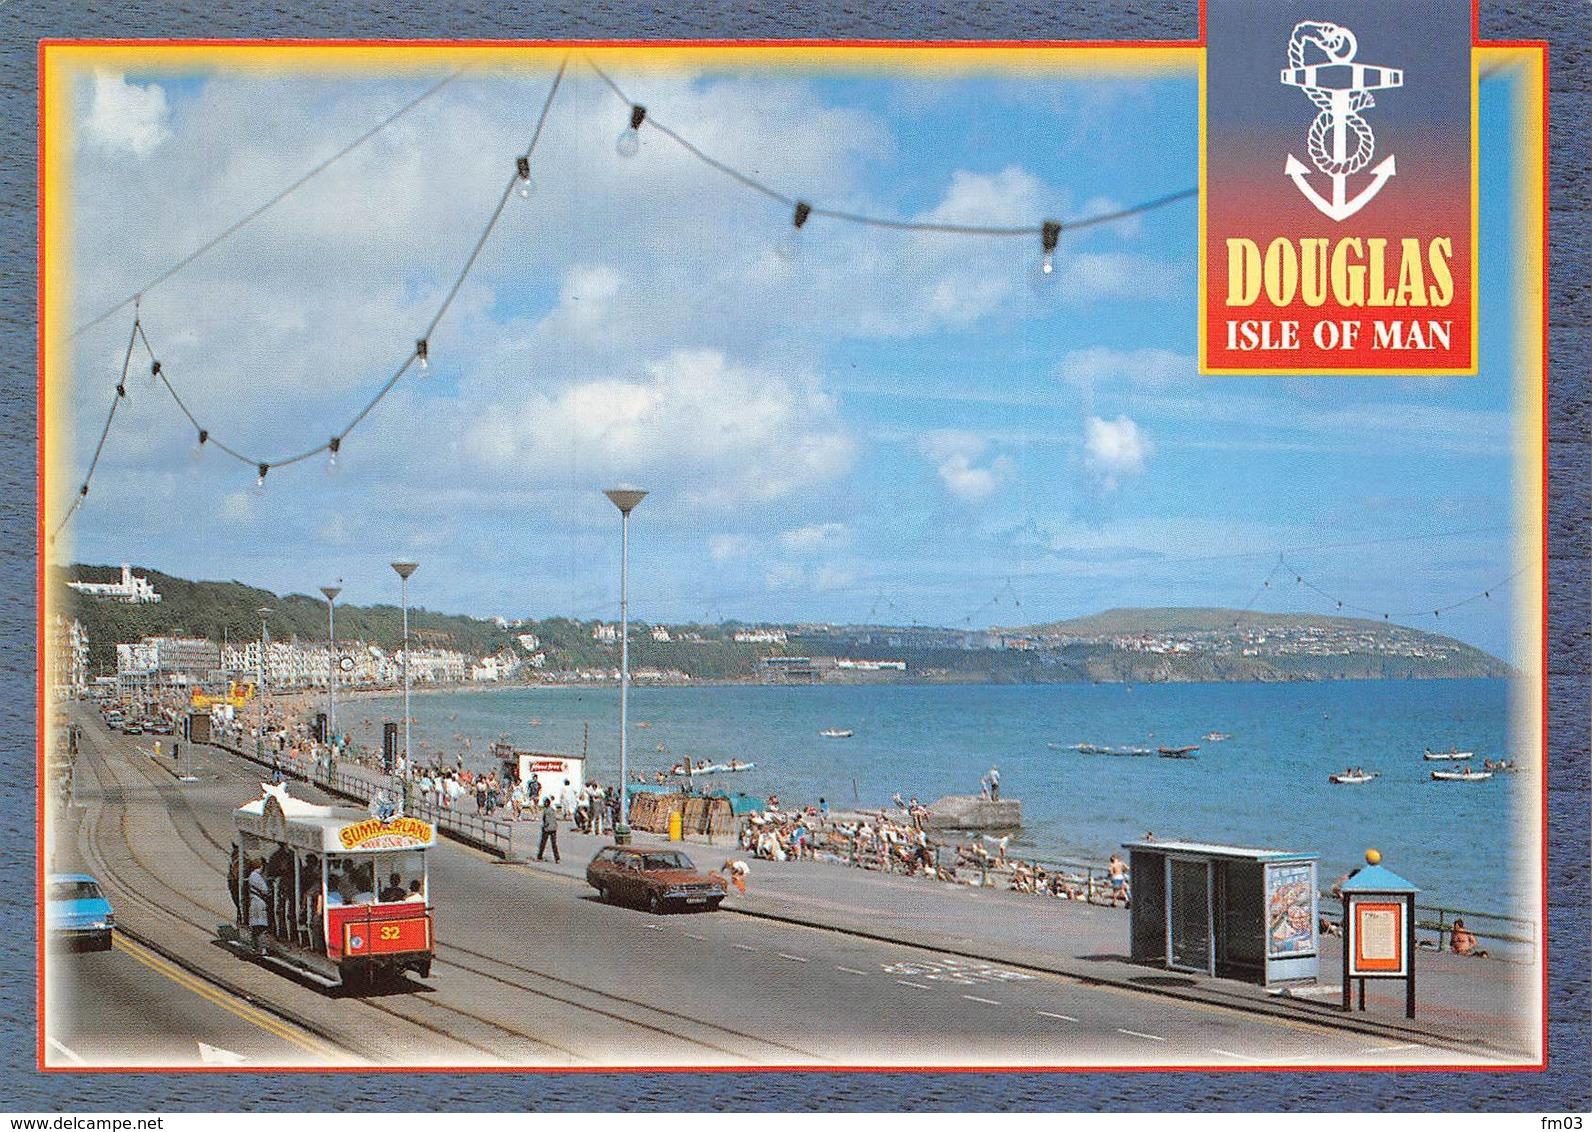 Douglas Tram Tramway Attelage Cheval - Isle Of Man